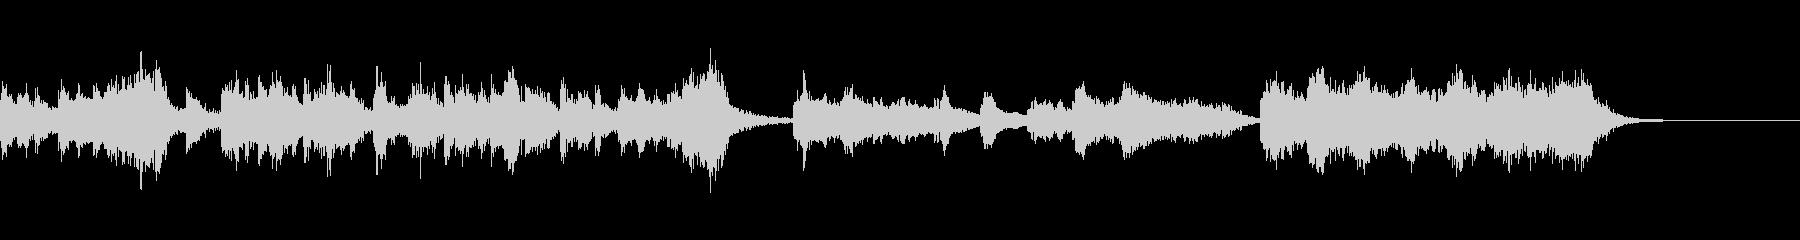 危機迫るイメージオーケストラの未再生の波形